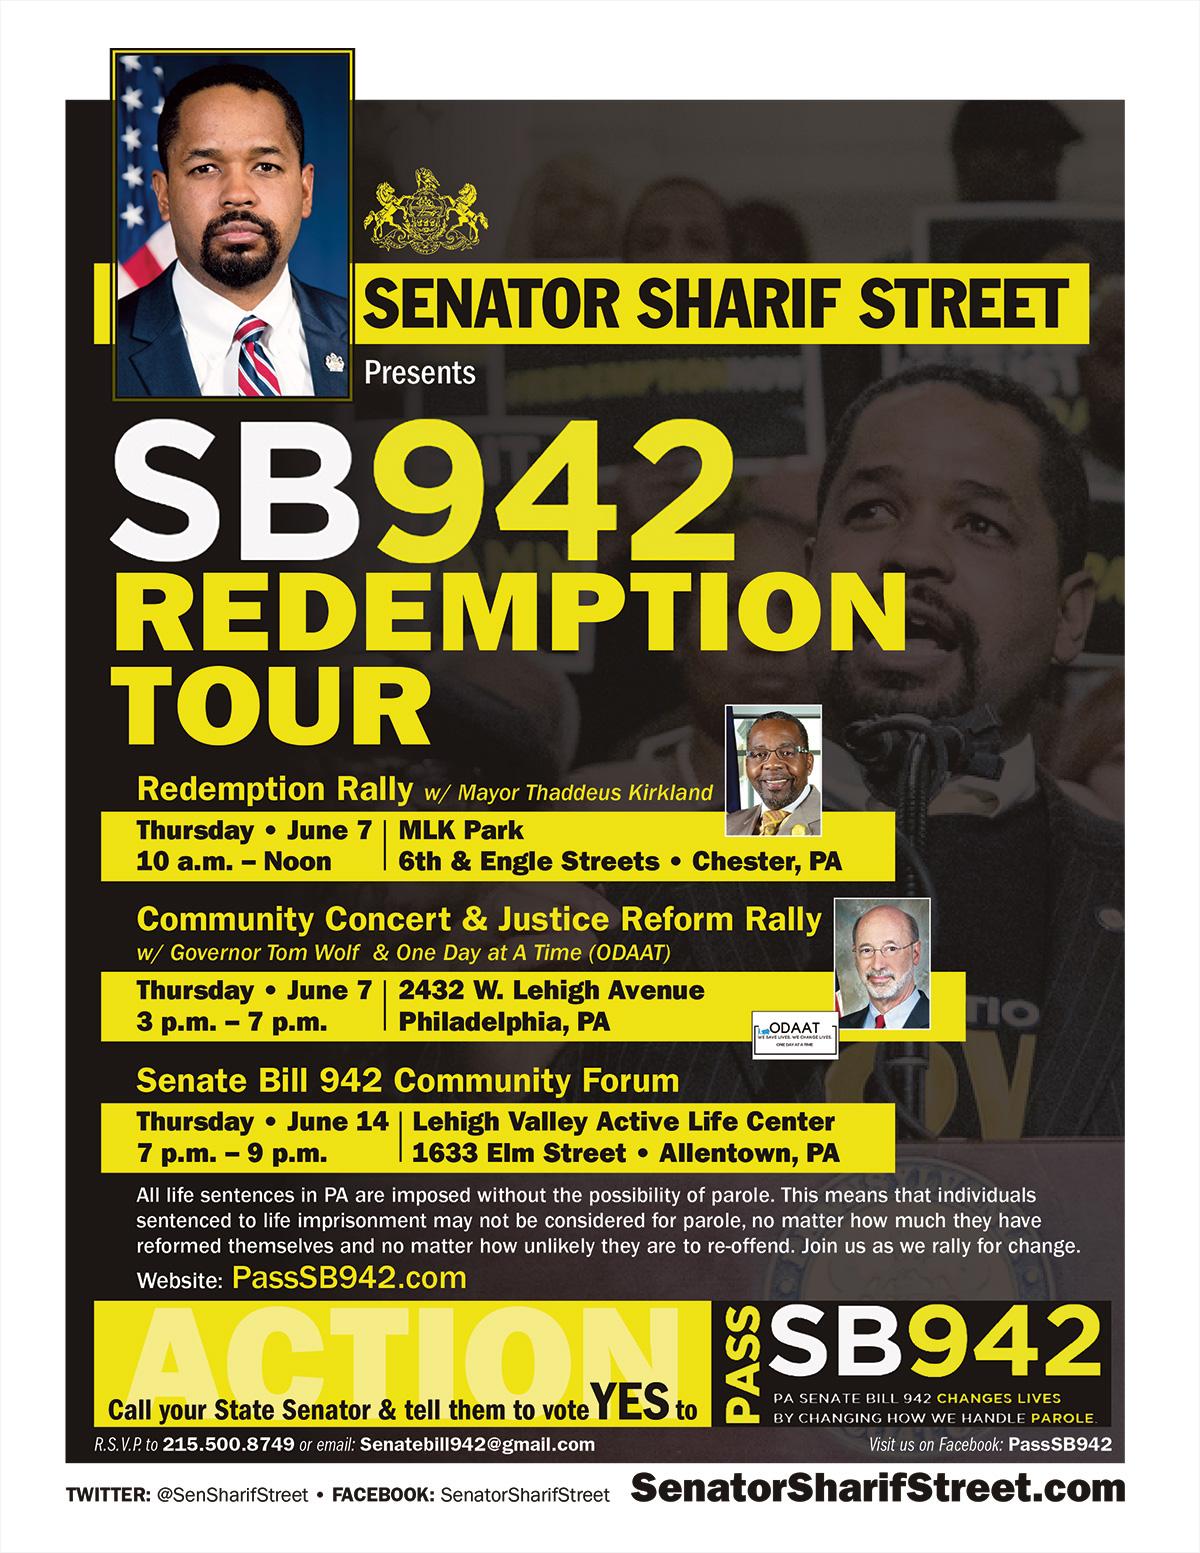 SB 942 Redemption Tour